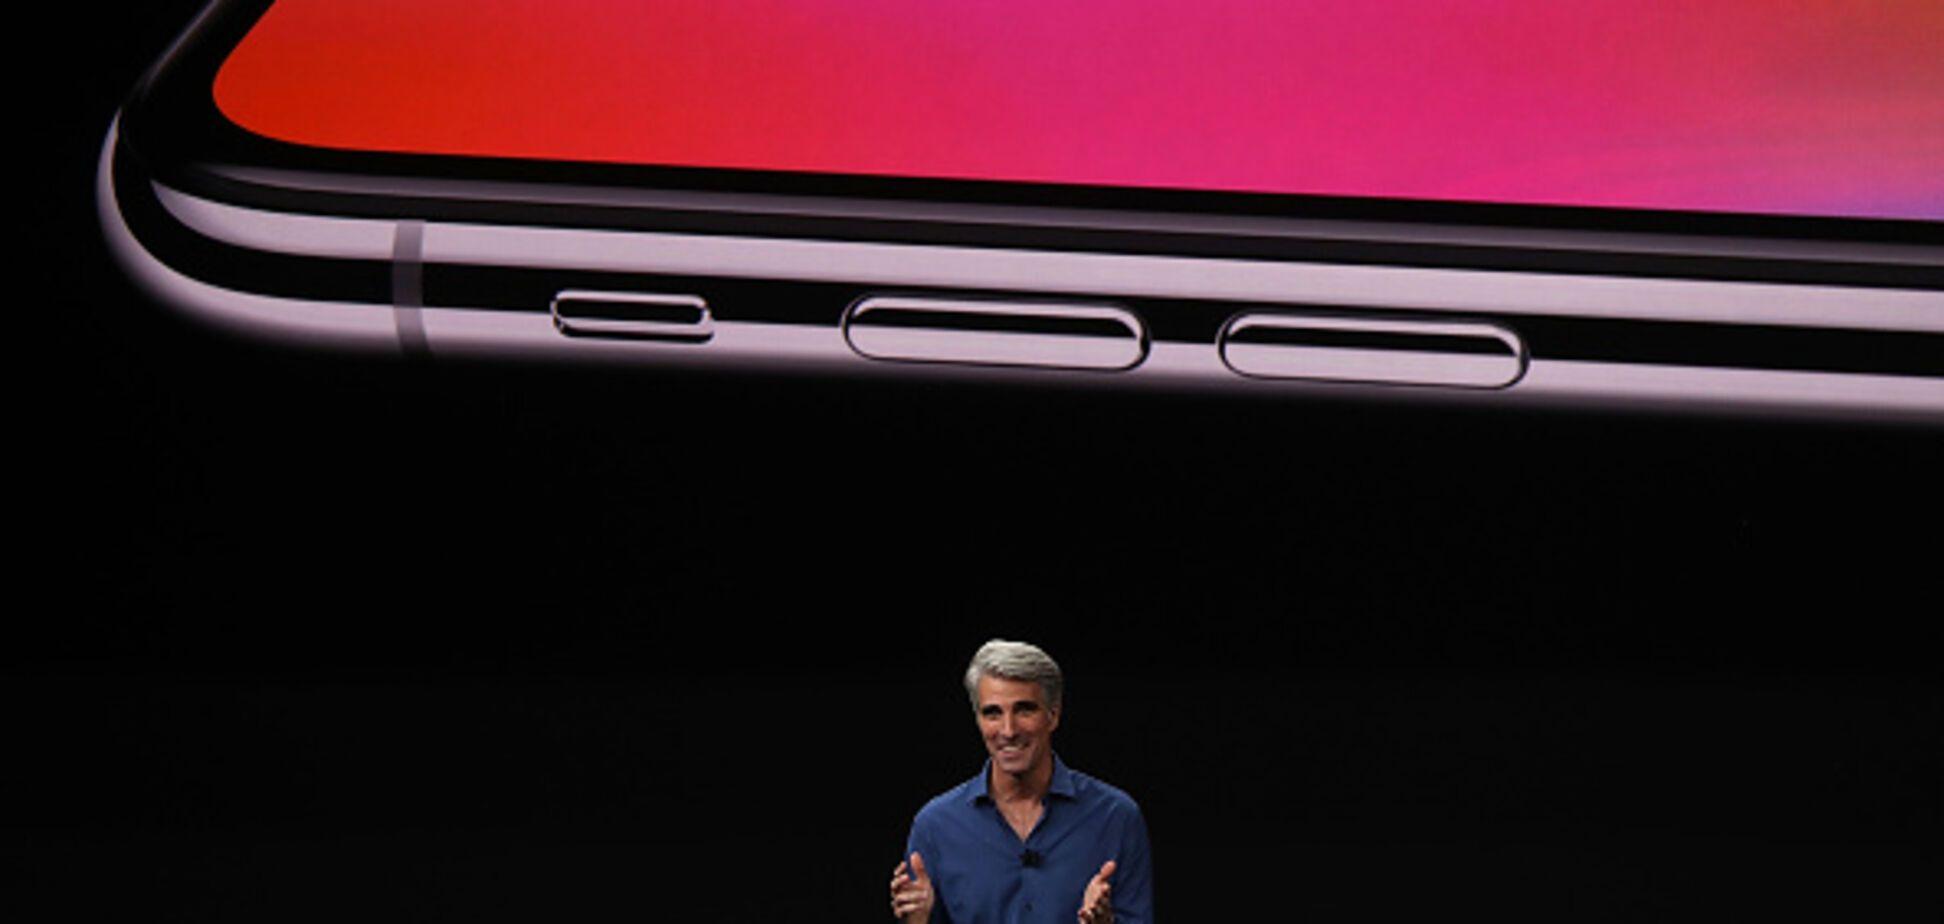 Презентація iPhone X затьмарилася безглуздим курйозом